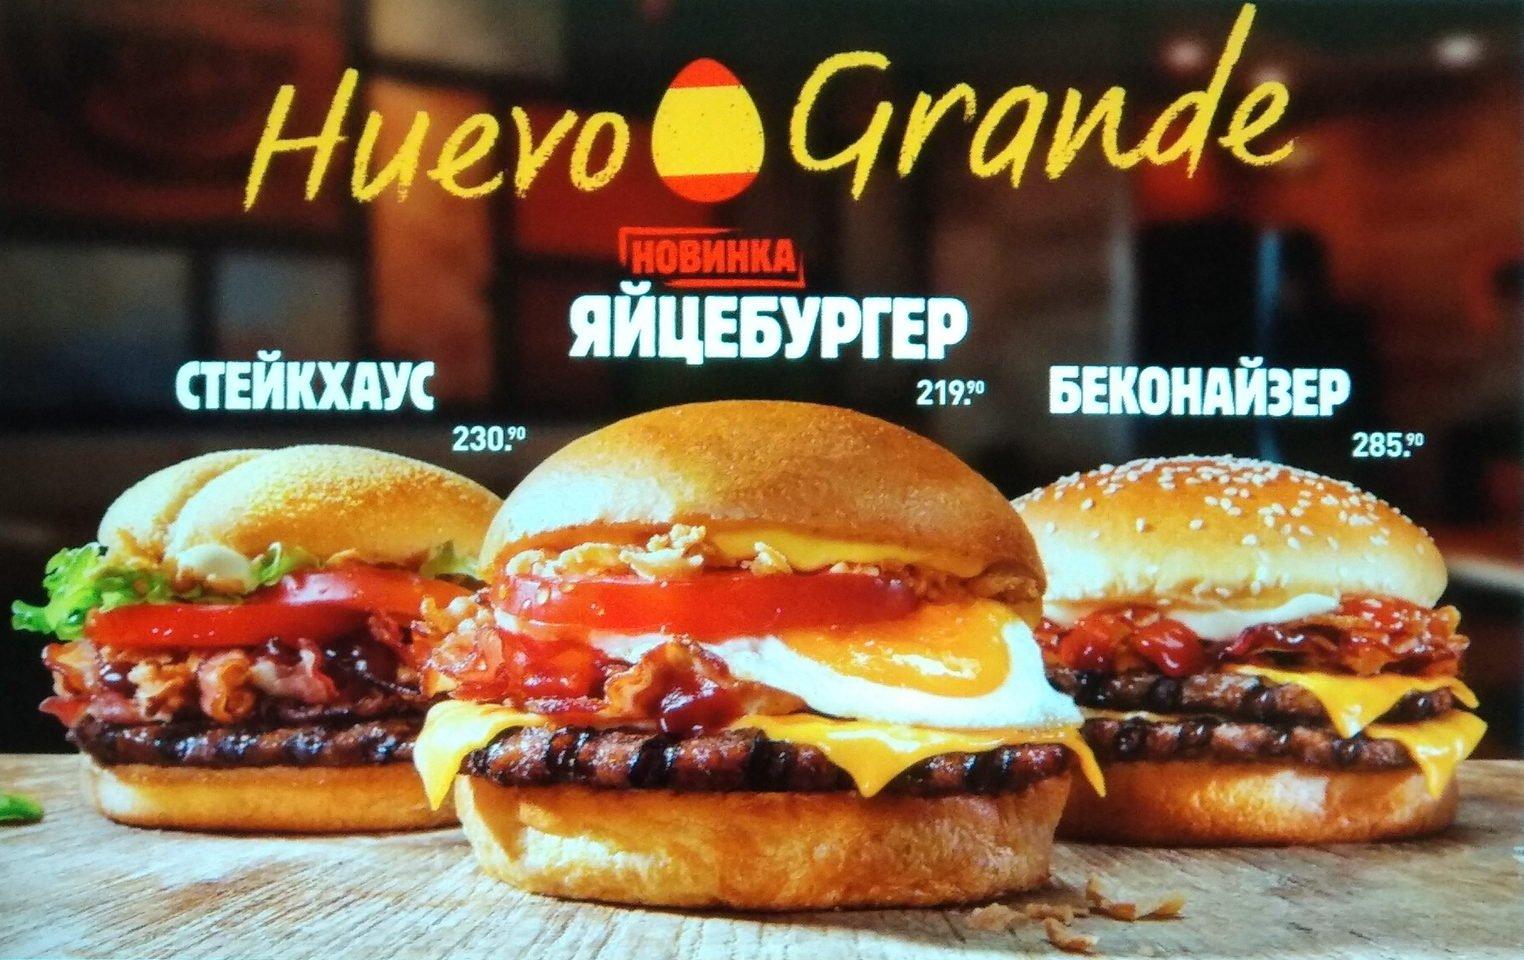 бургер huevo grande в burger king